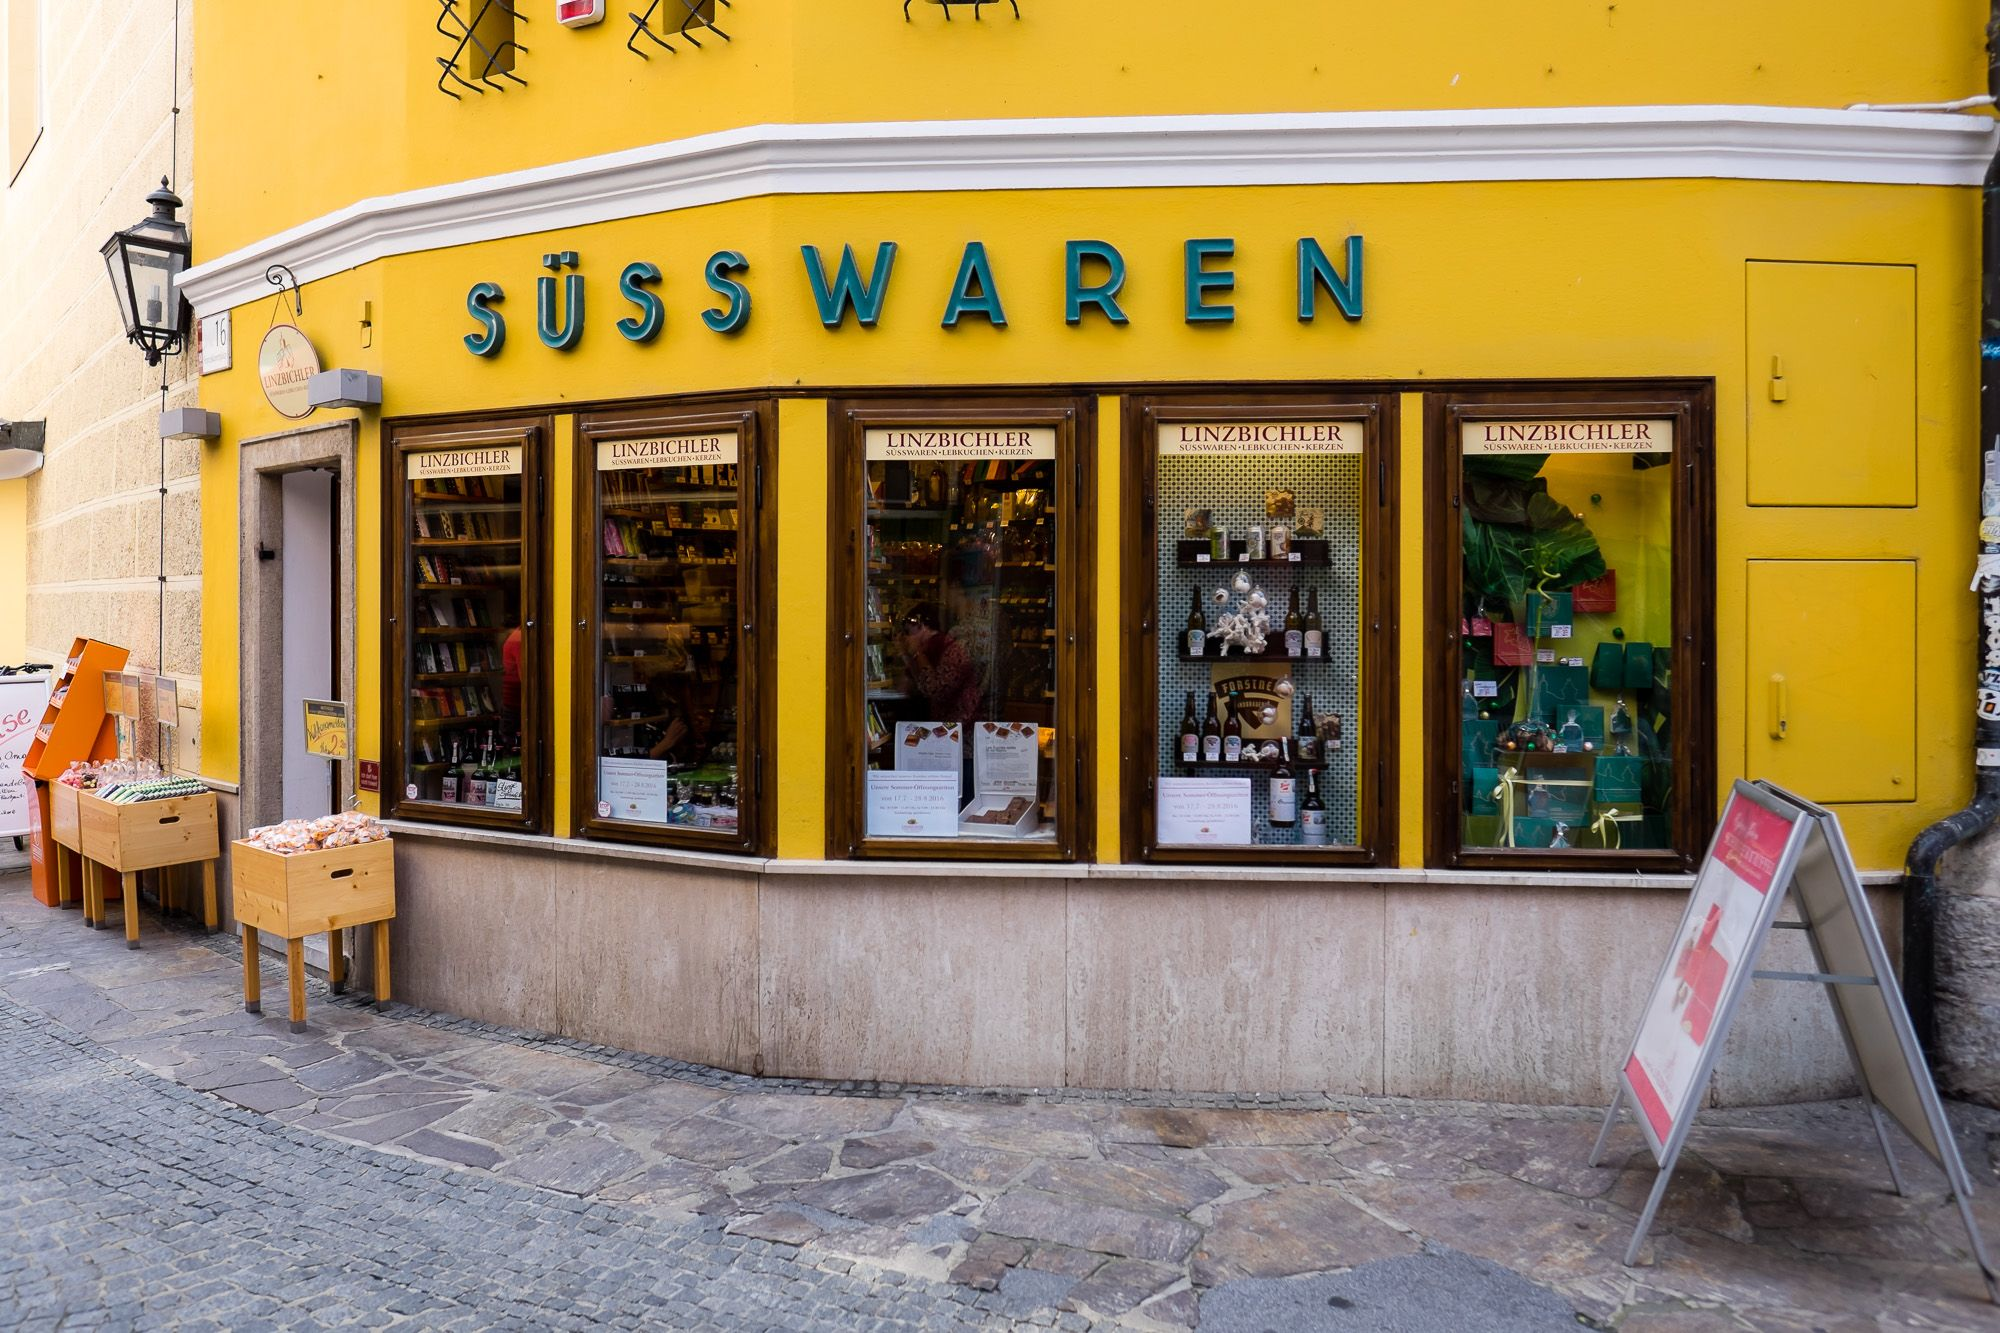 Miss_Claire_Graz-http://www.missclaire.it/foodbeverage/graz-capitale-dei-sapori-dal-2008-22/